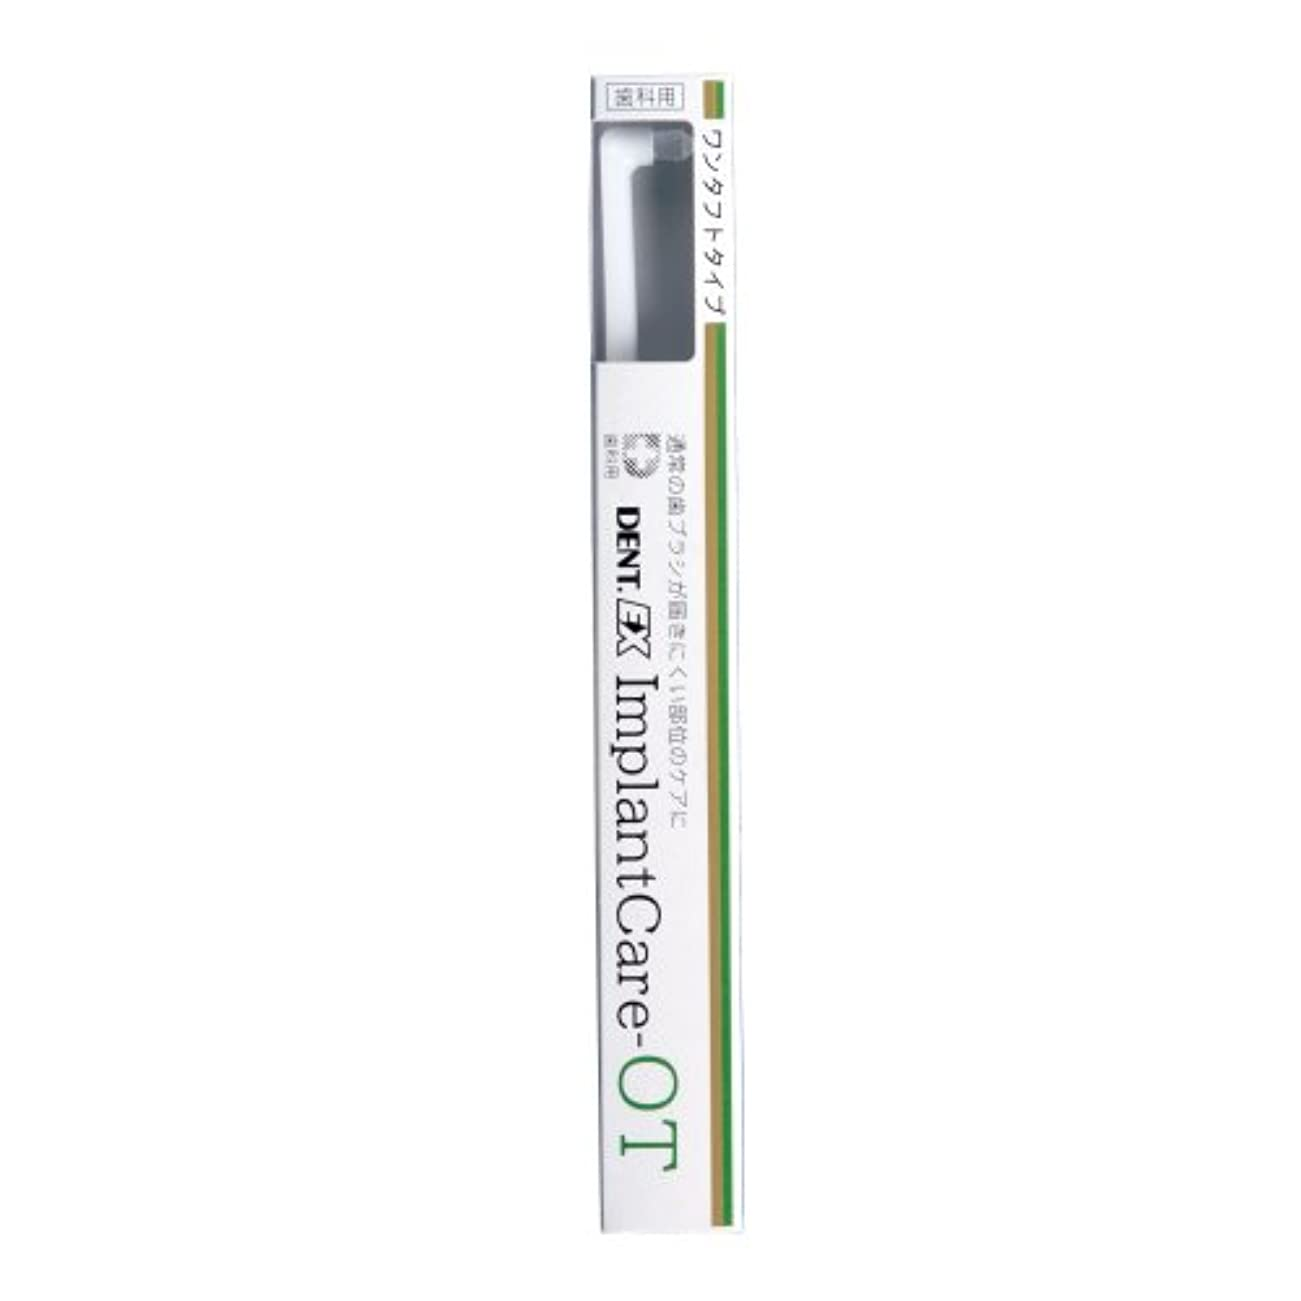 用量アパルスロープライオン歯科材 デント EX インプラントケア OT 1本入 4903301088639